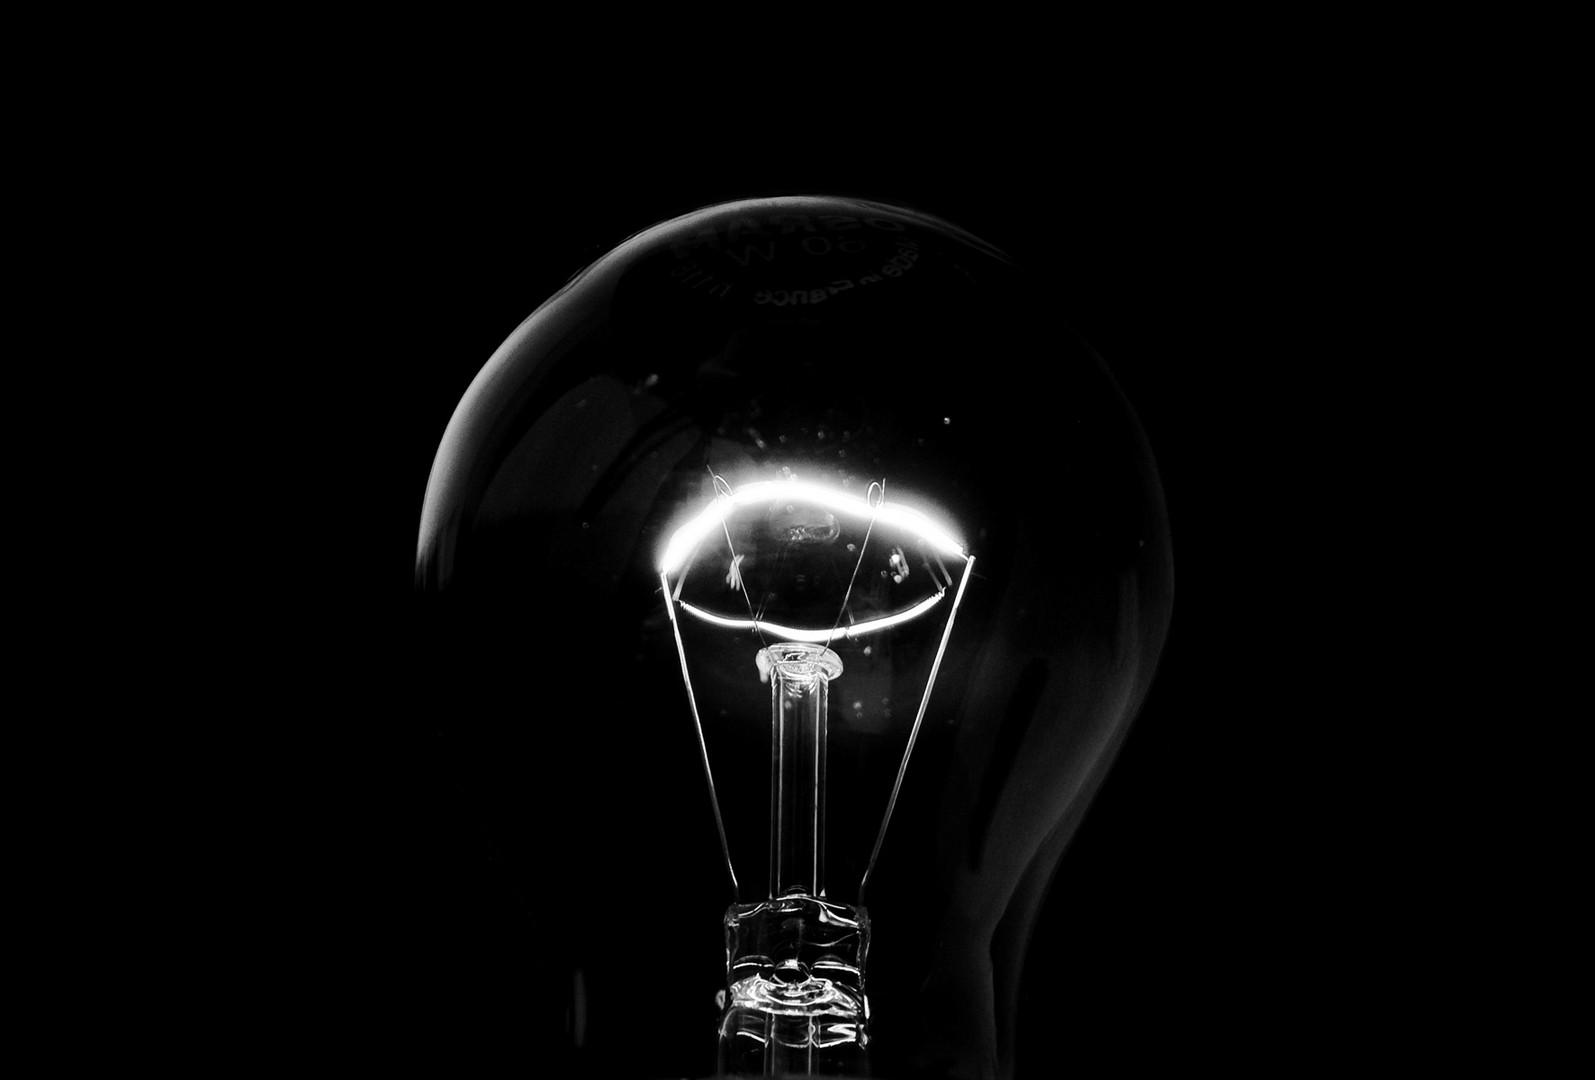 Licht oder Schatten